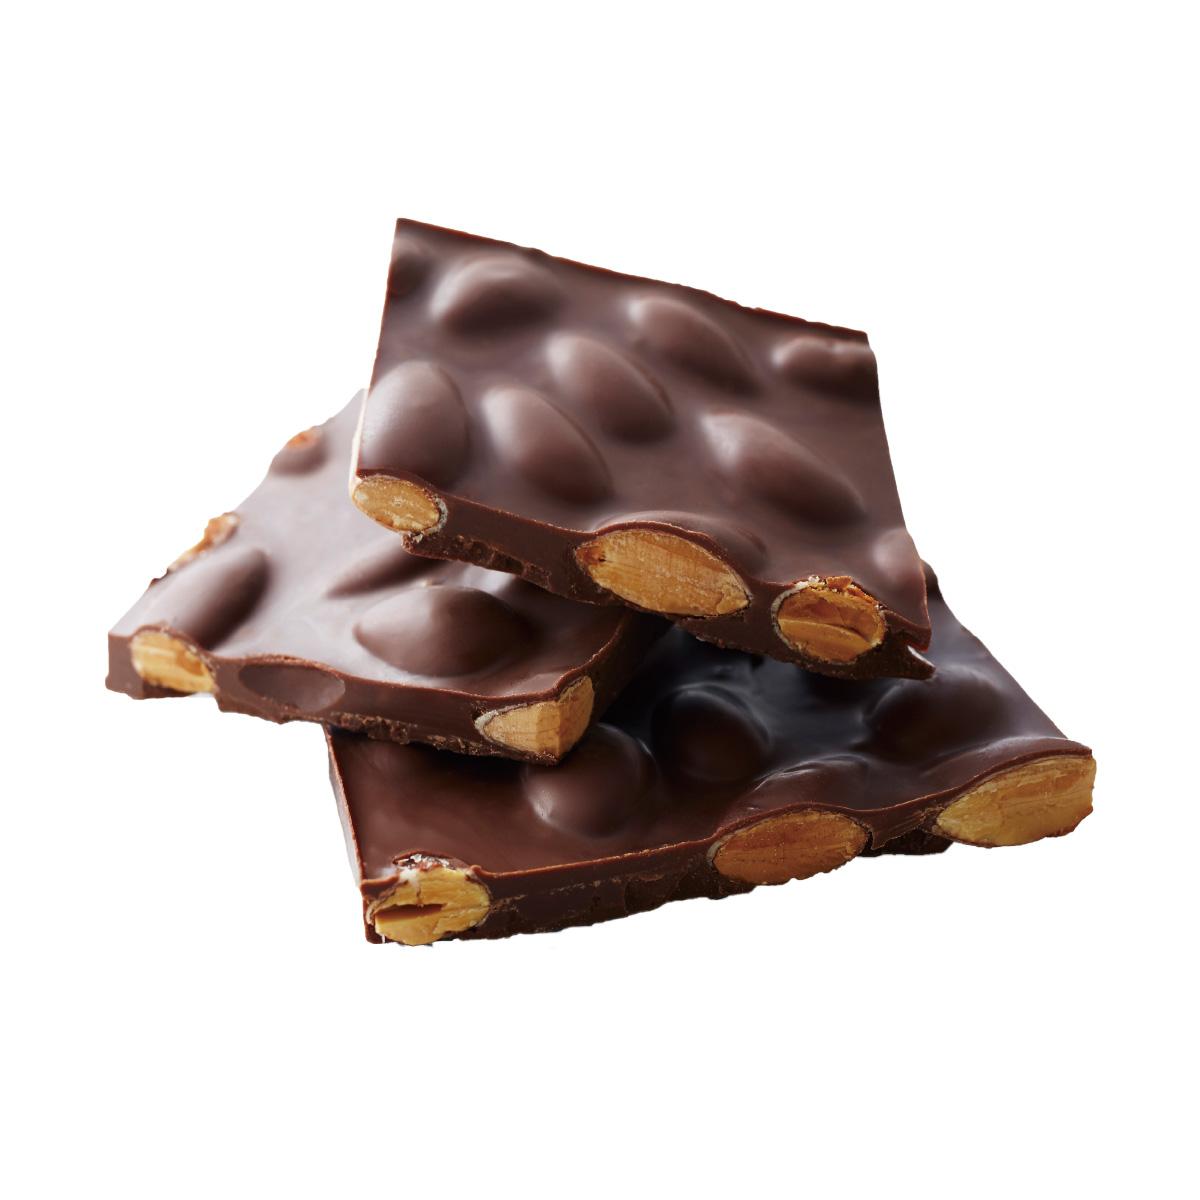 モロゾフ アルペングロー(ミルクチョコレート&アーモンド) 60g入《期間限定チョコレート》